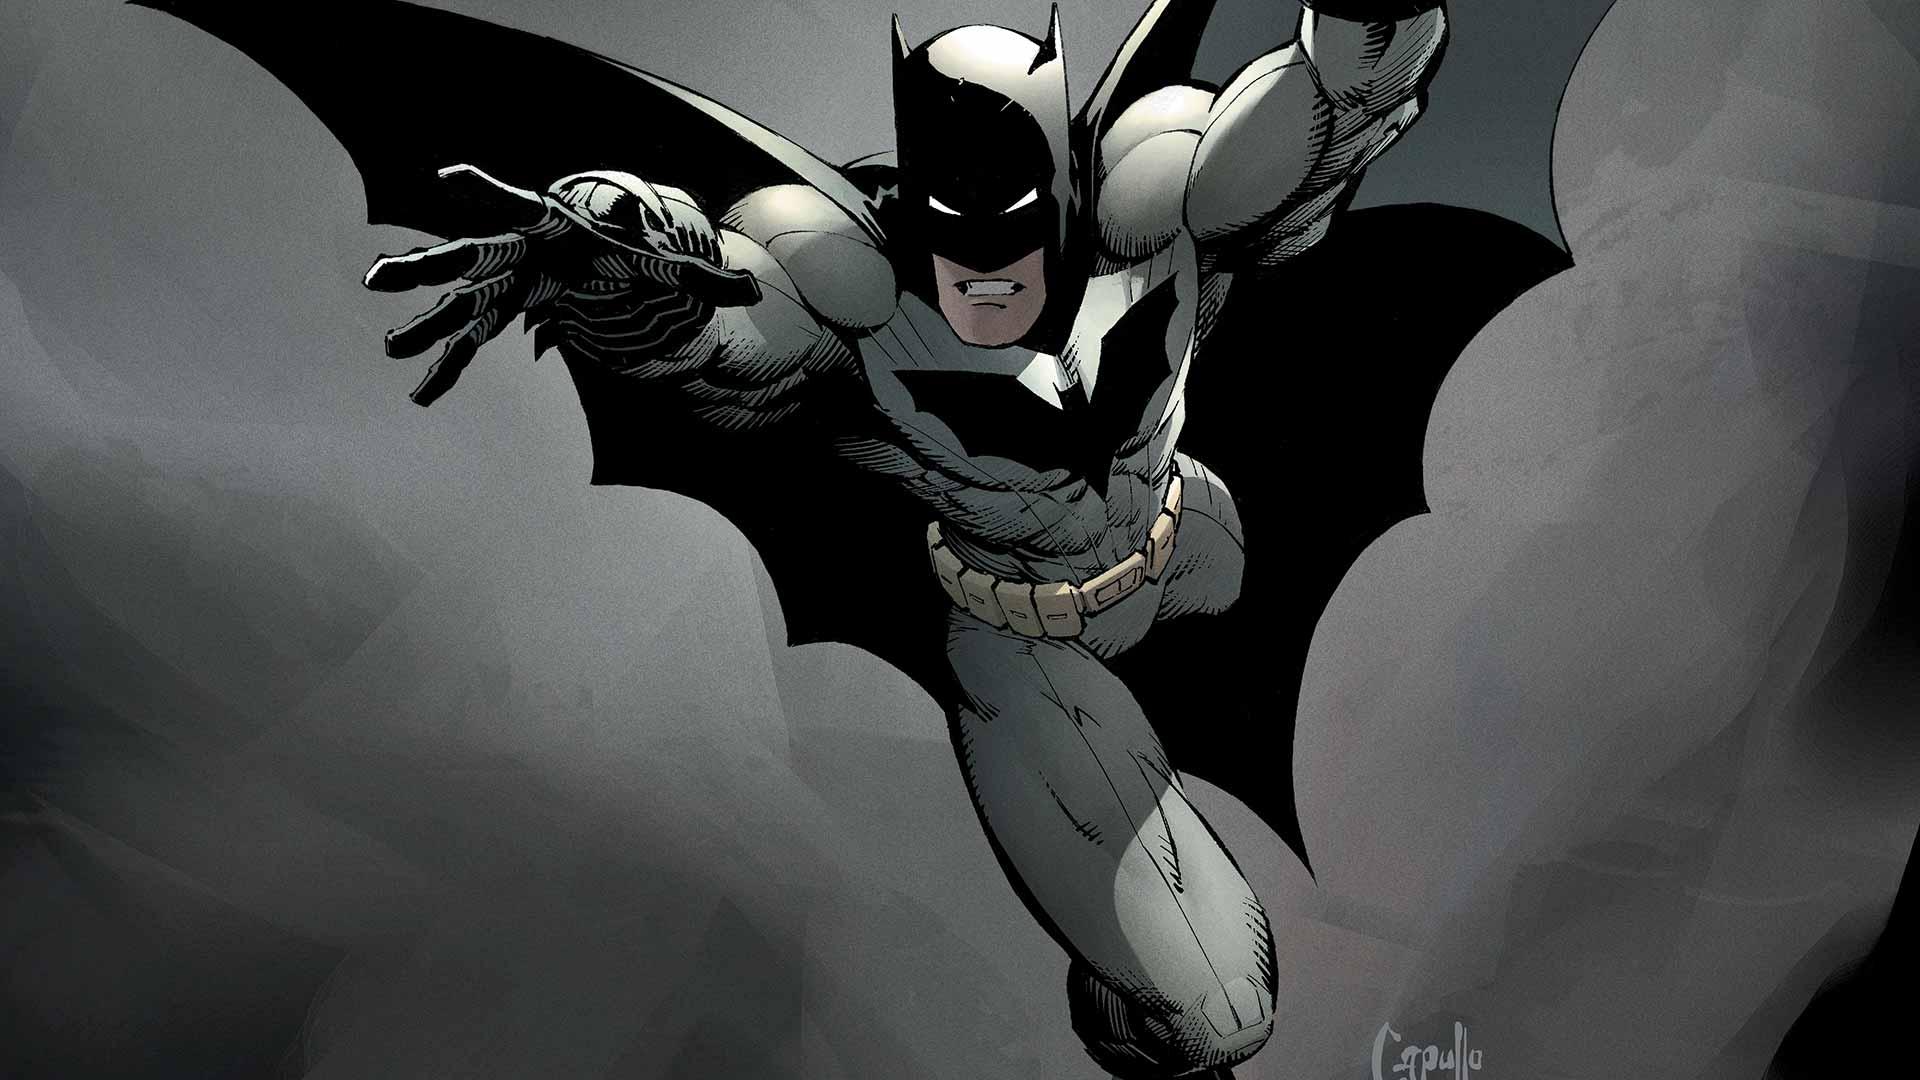 Nee, ik ben Batman niet